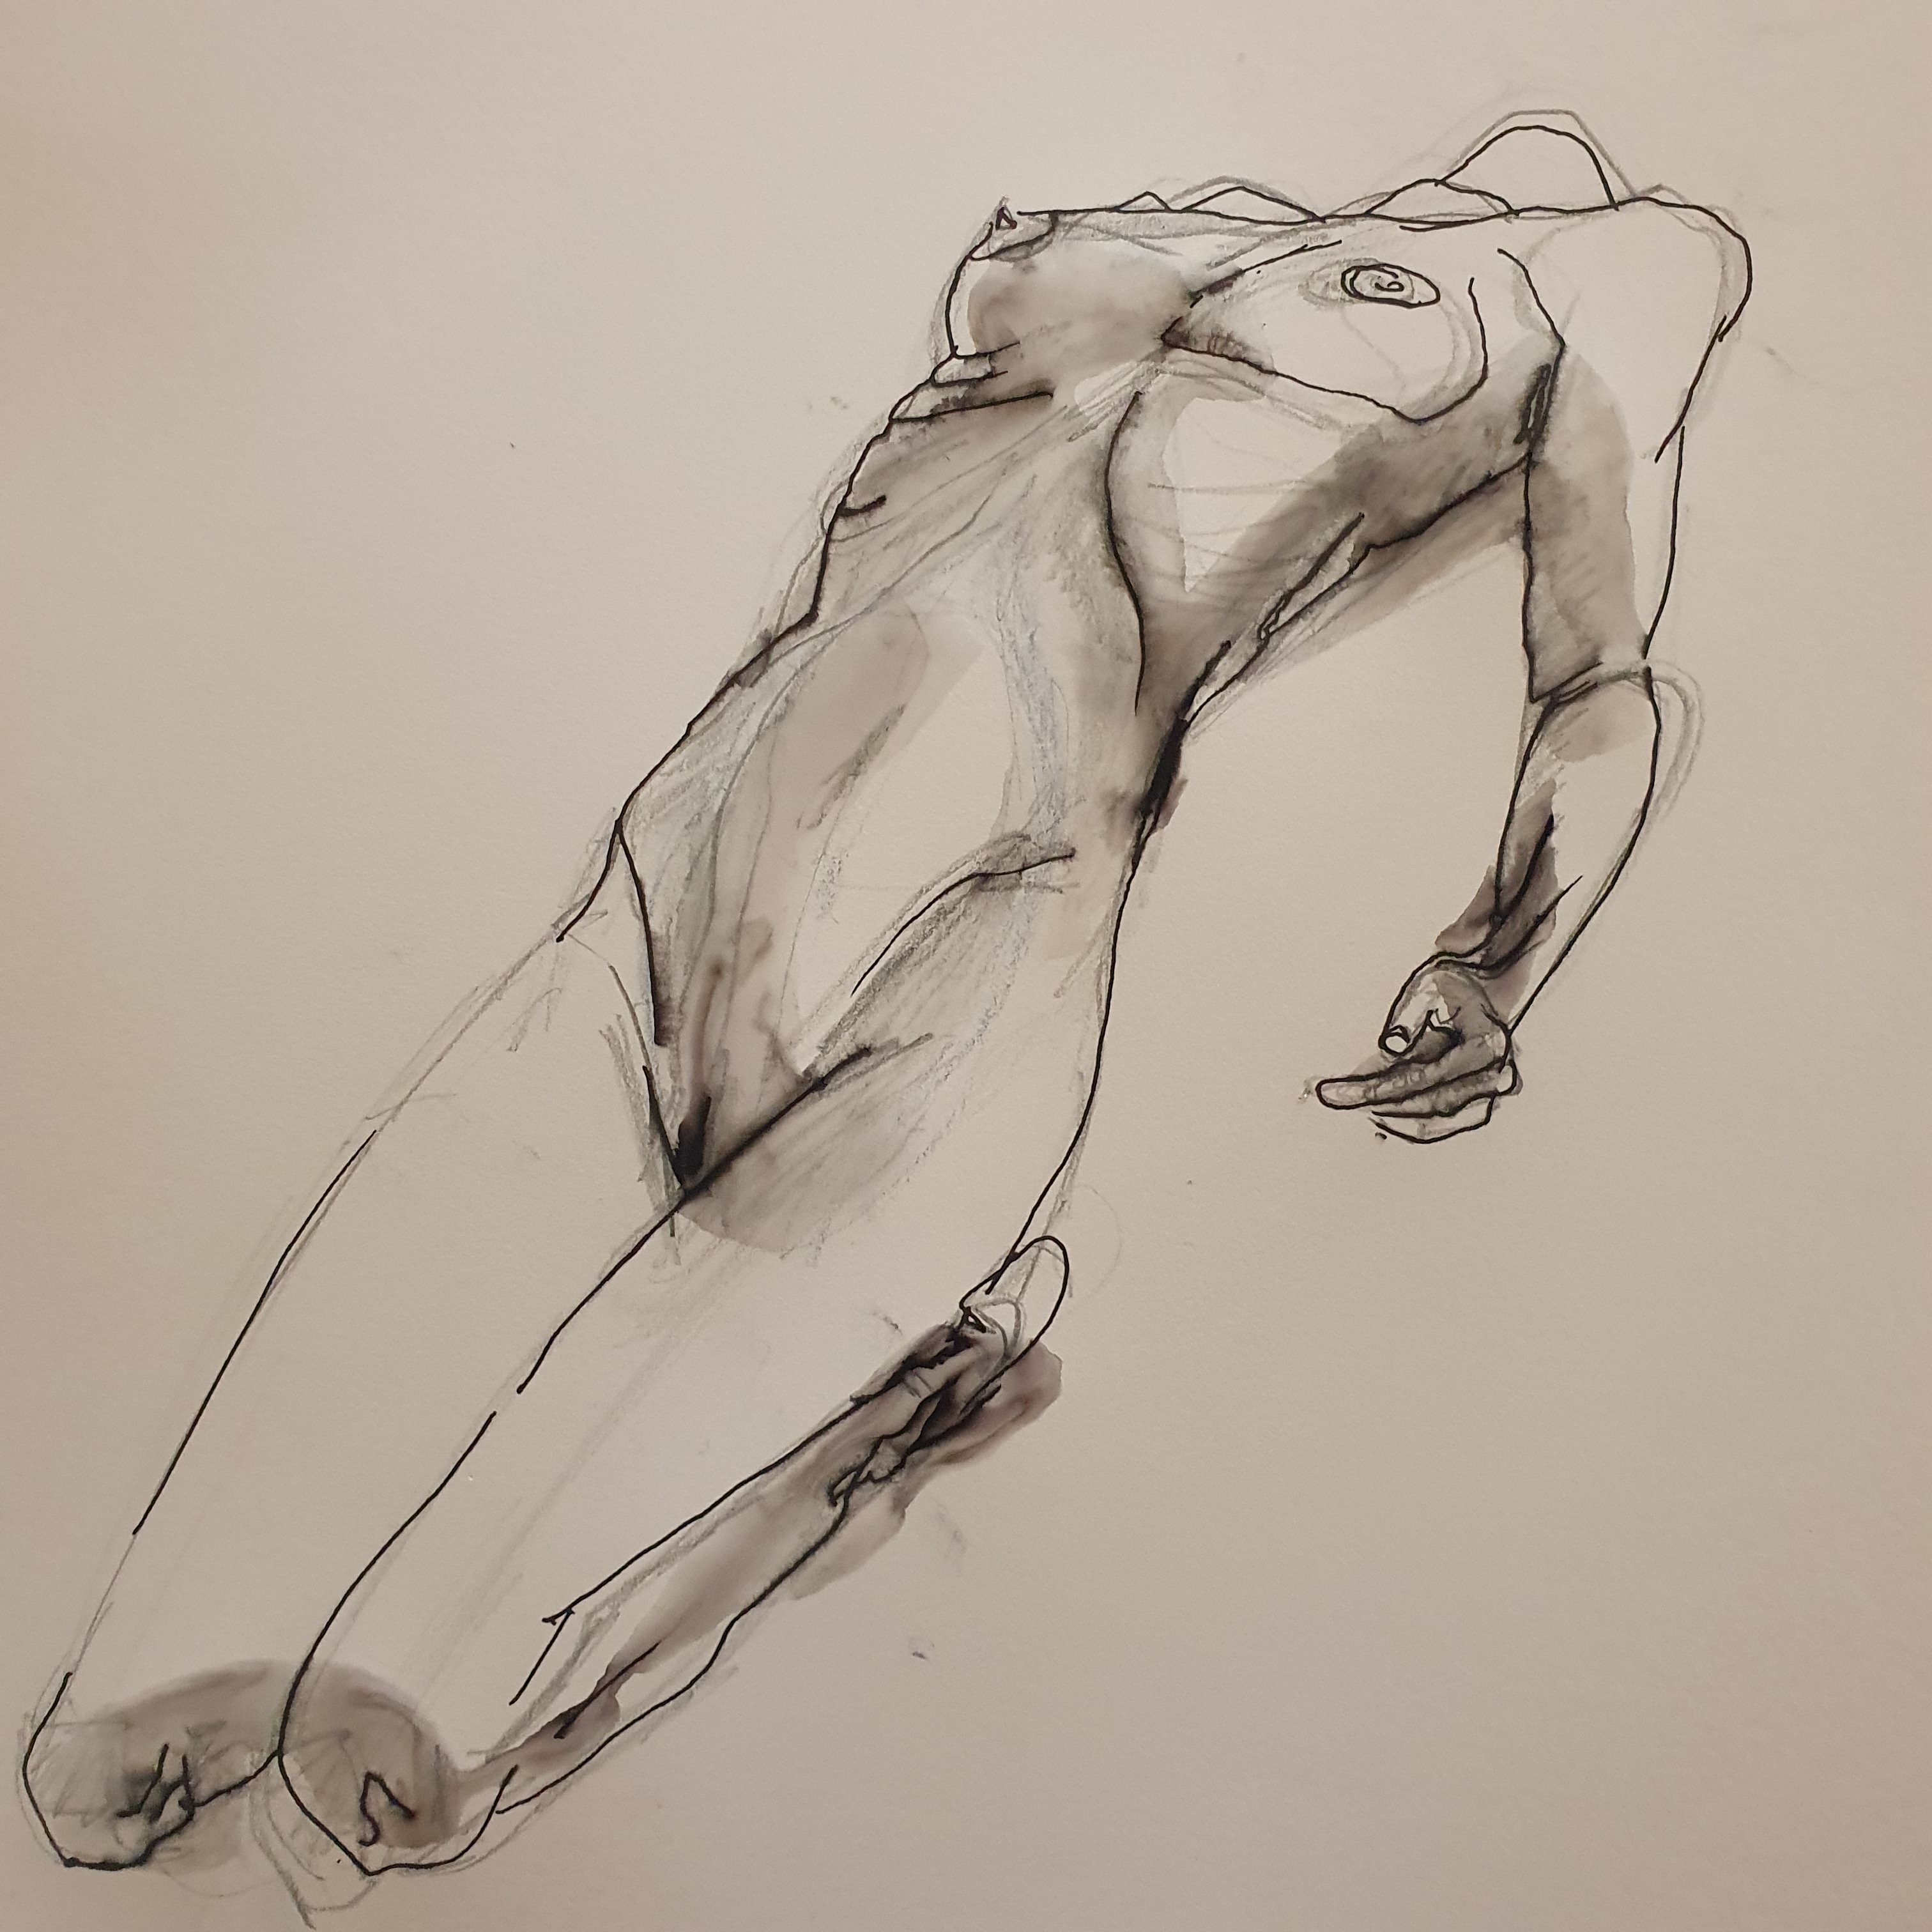 Dessin raccourci encre feutre crayon papier  cours de dessin